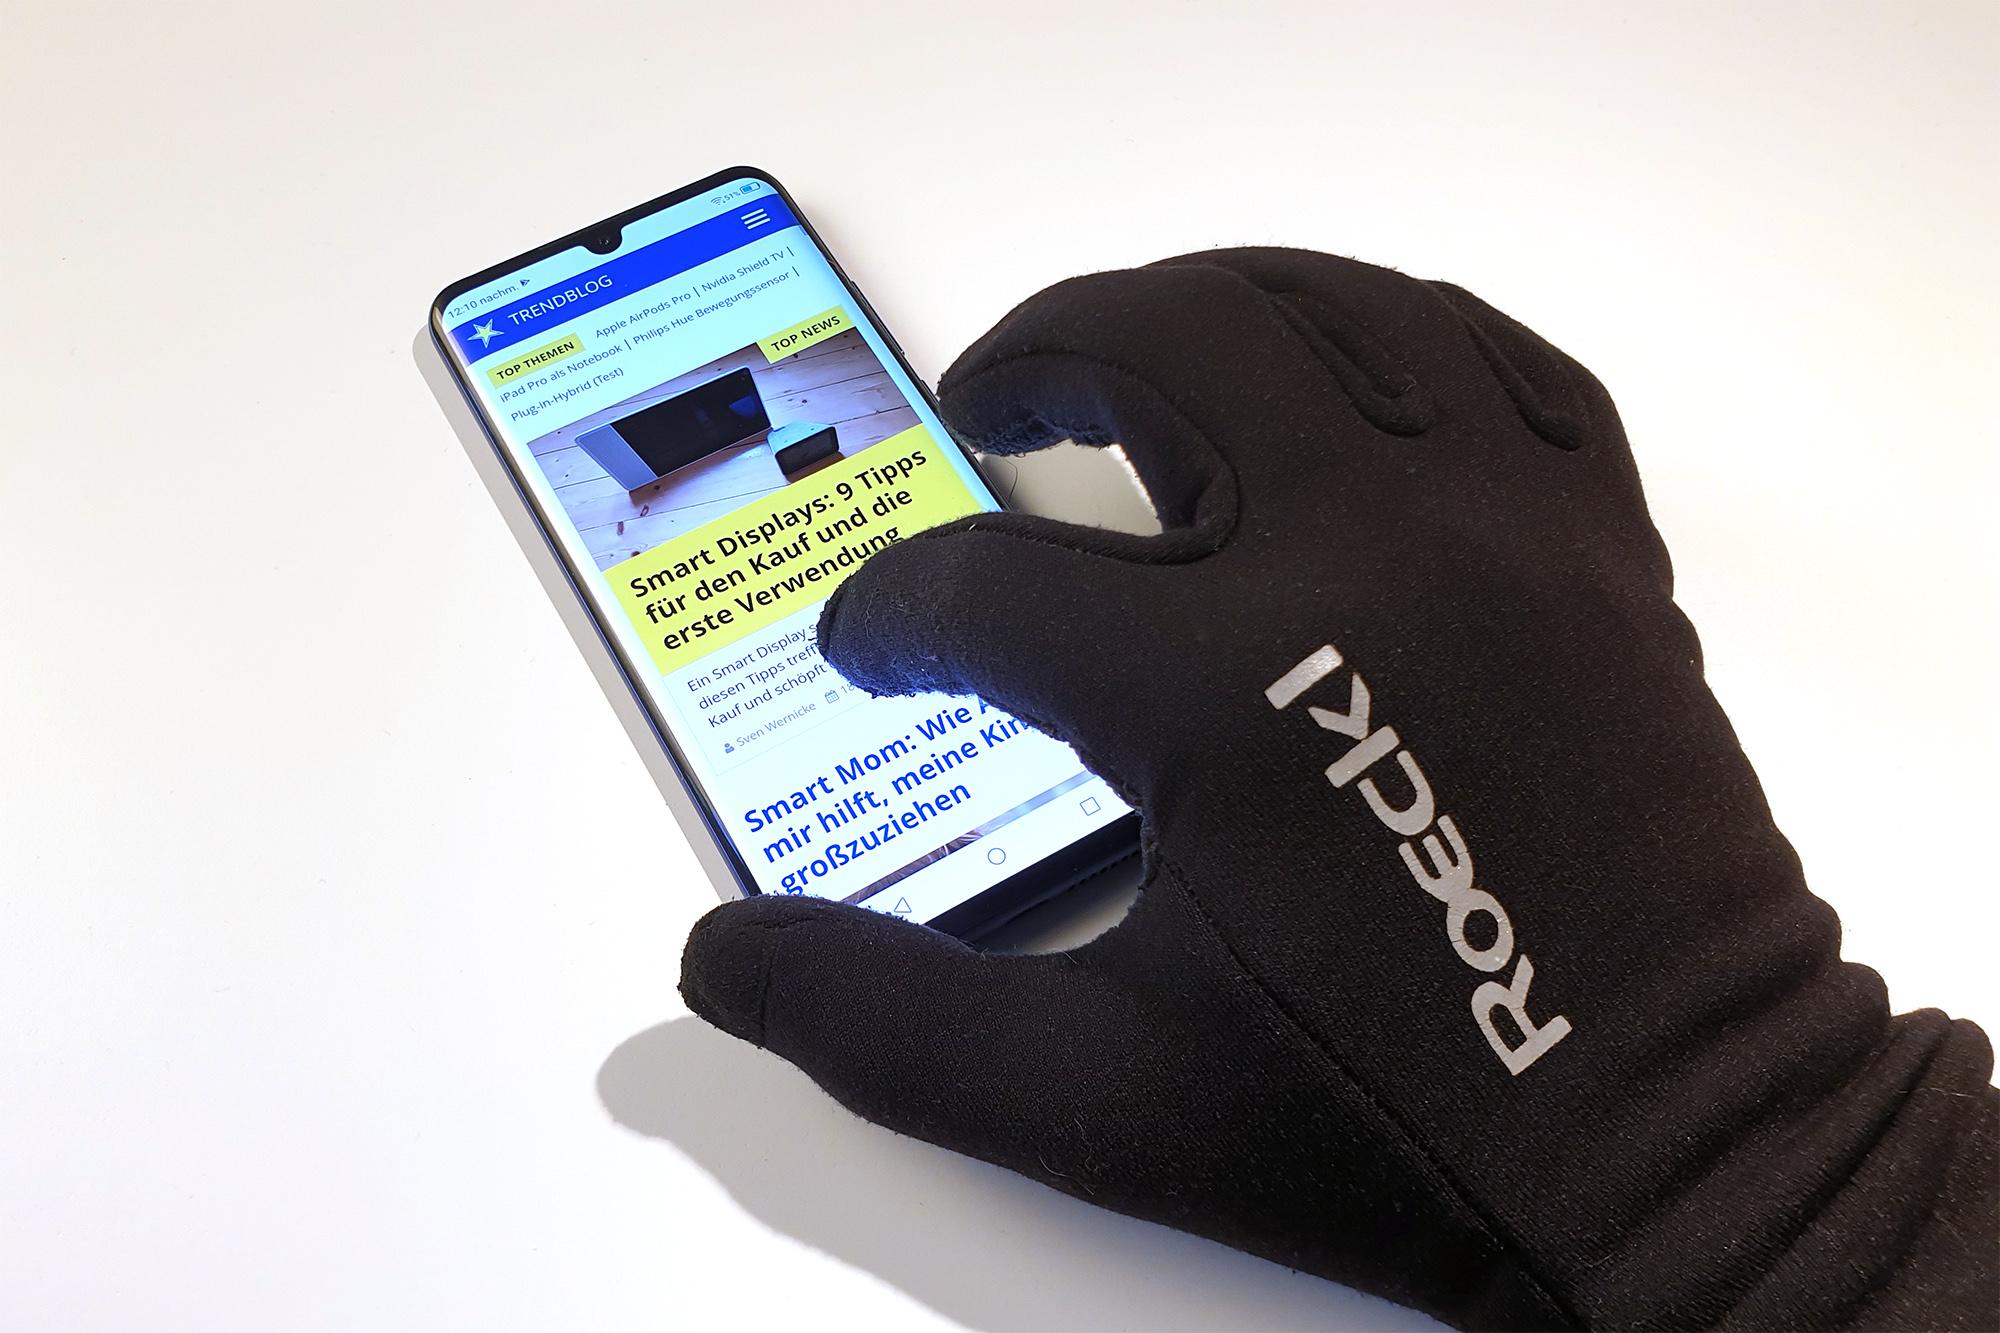 Roeckl-Handschuhe fürs Smartphone